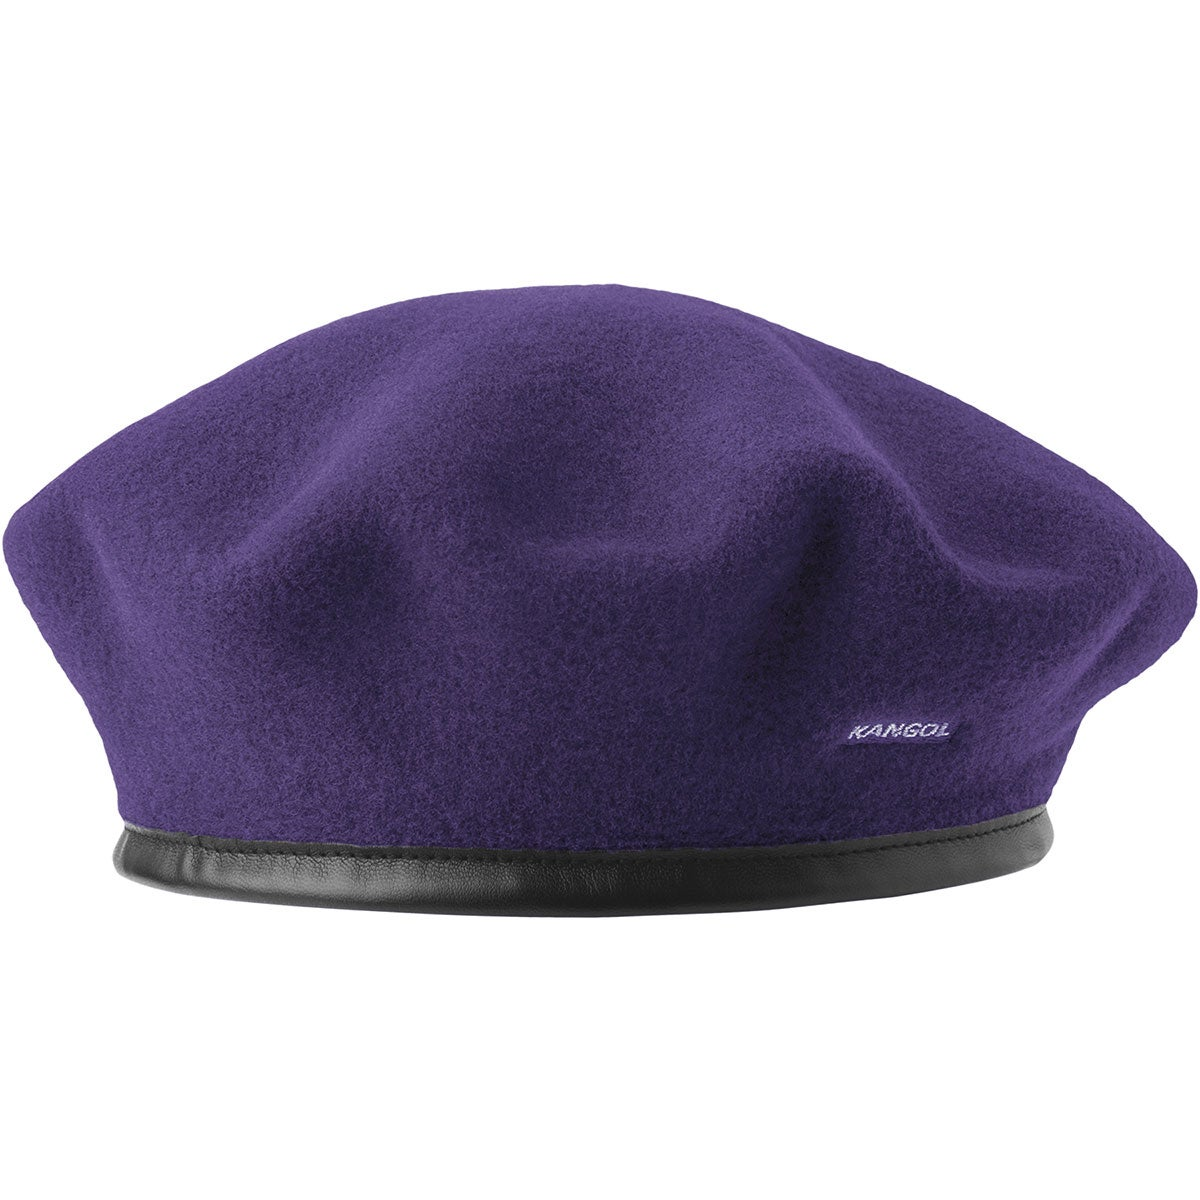 Kangol  Forrester  Wool  Monty  Beret  Cap